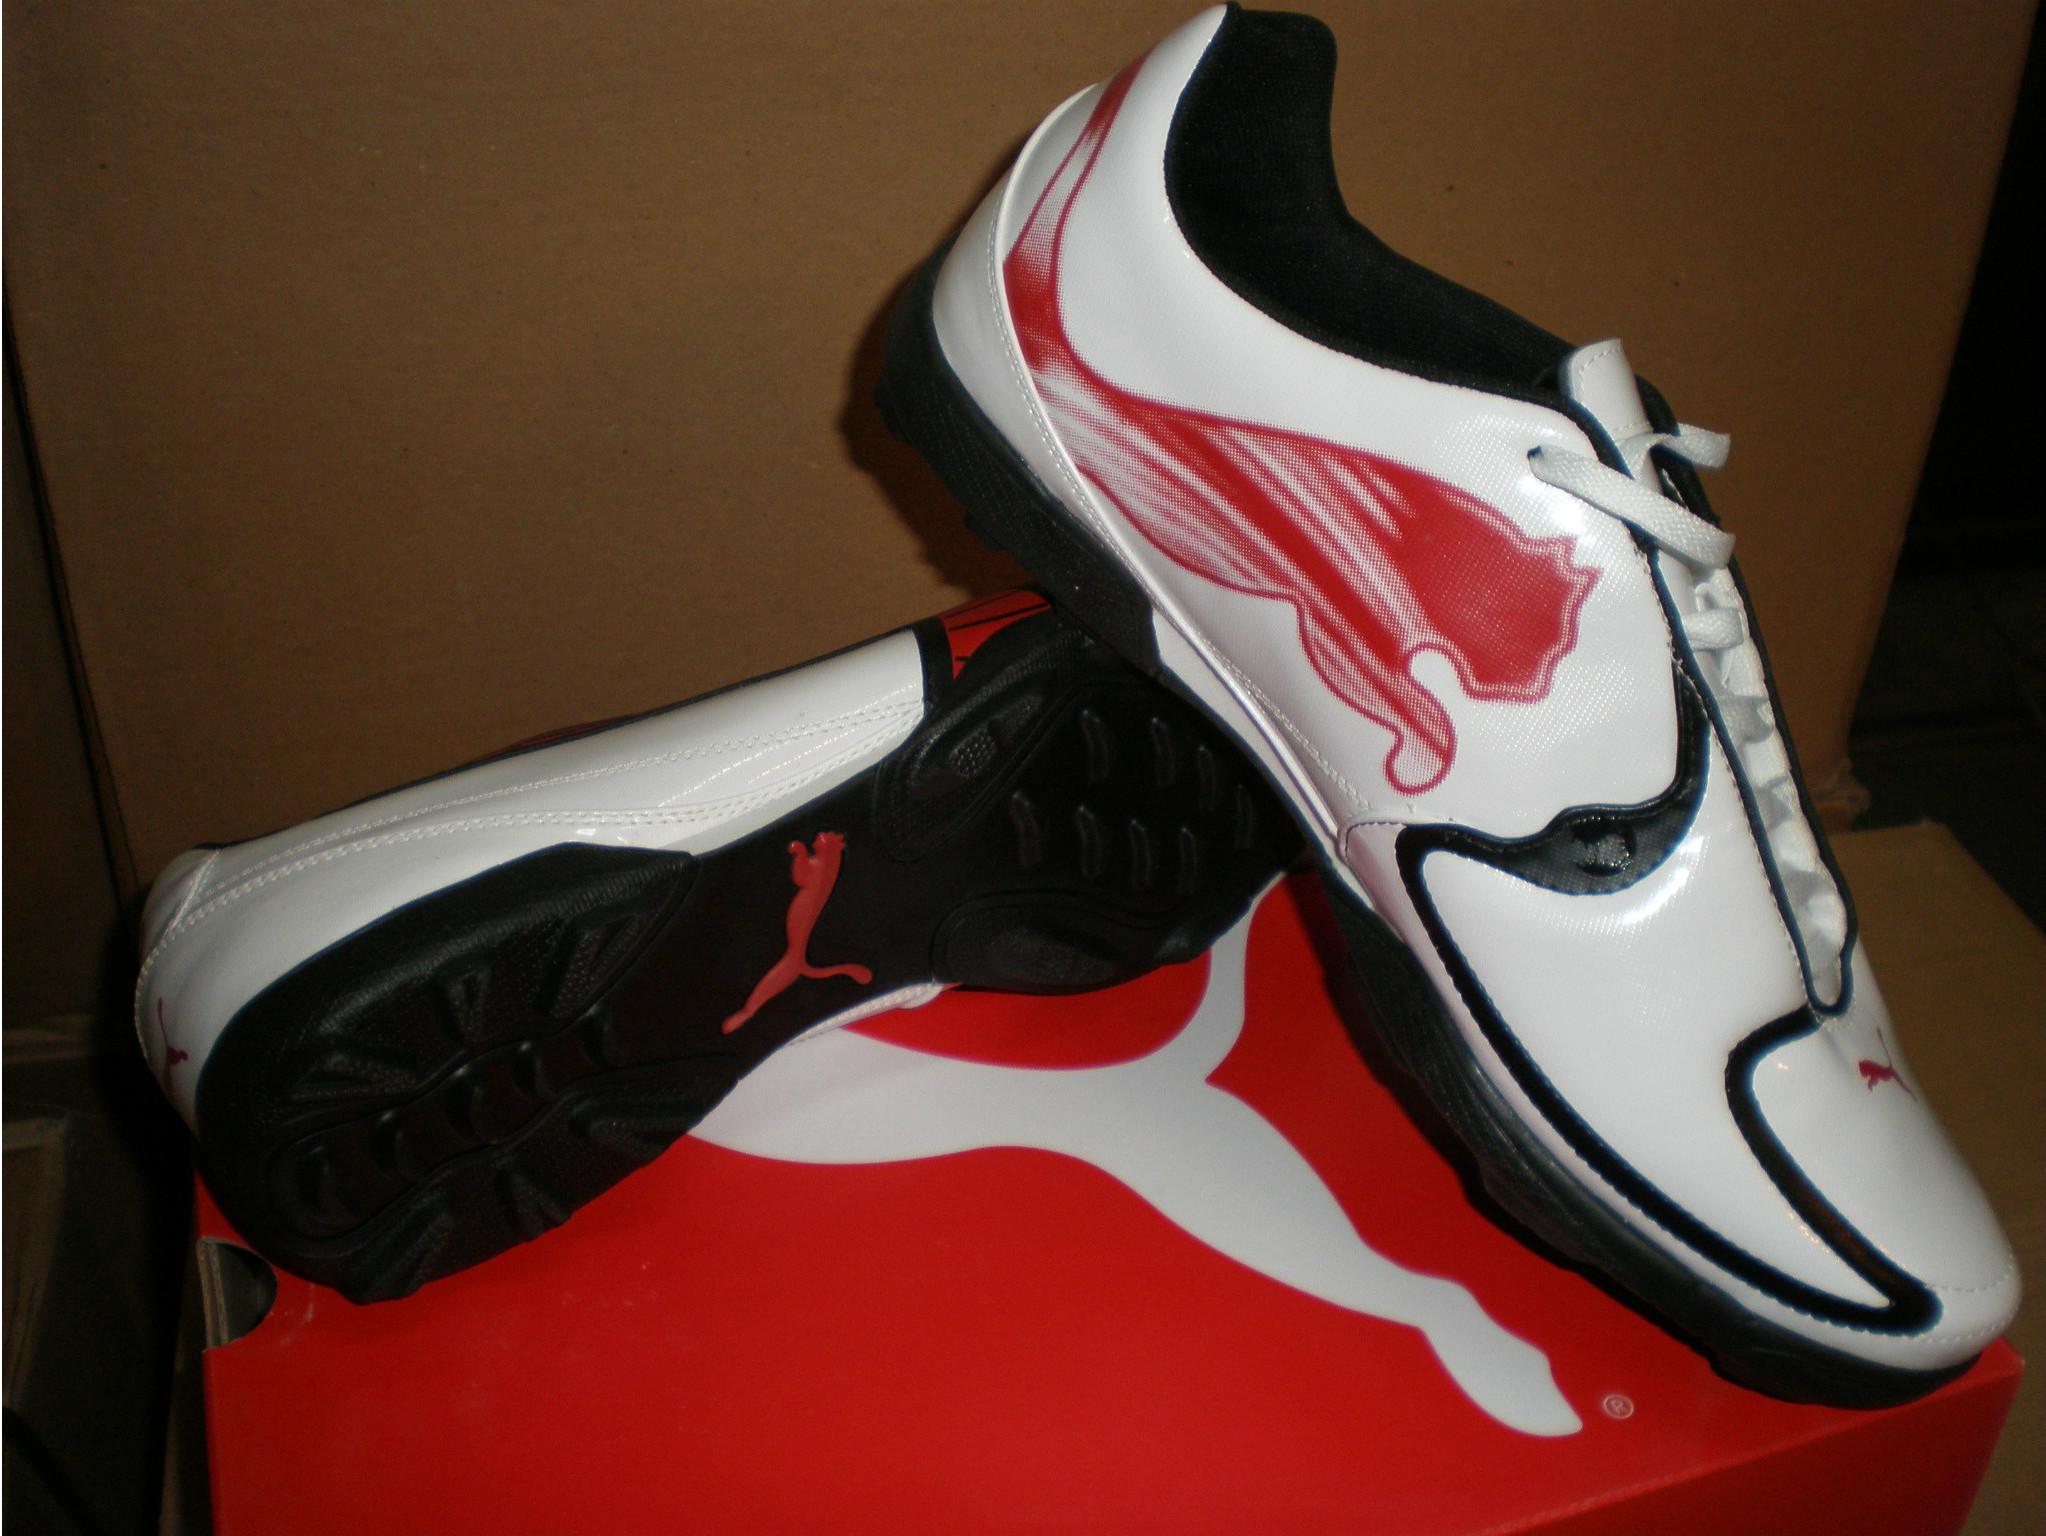 Кроссовки сток. Puma. Обувь секонд-хенд - фото каталог, додавання ... 7bf52e0c2eb